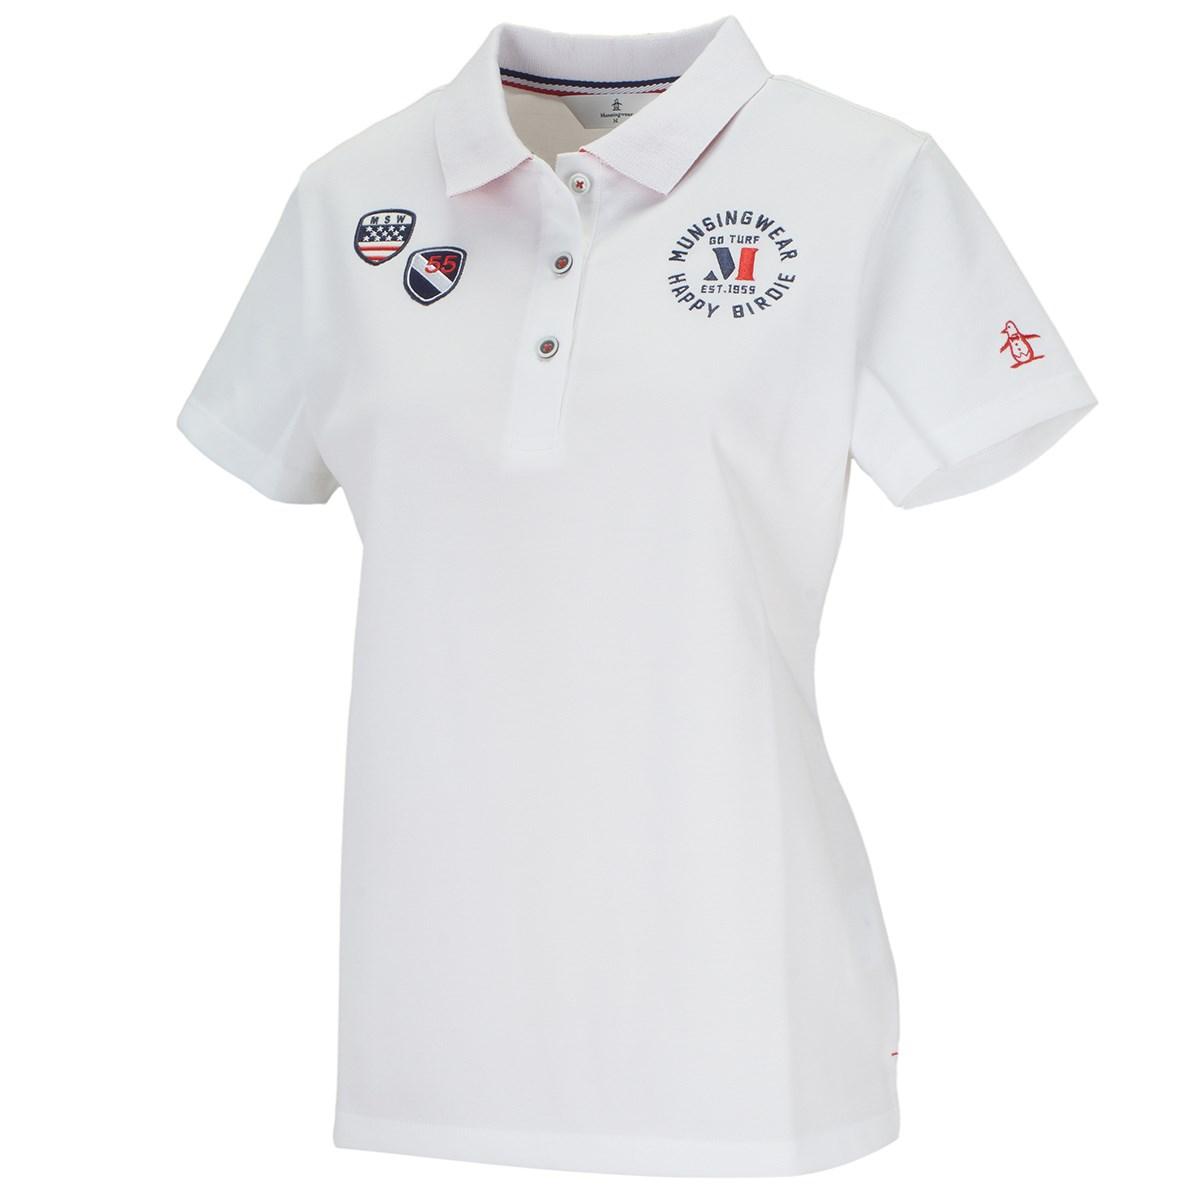 マンシングウェア Munsingwear ストレッチ サンスクリーン鹿の子エンブレムマーク半袖ポロシャツ M ホワイト 00 レディス